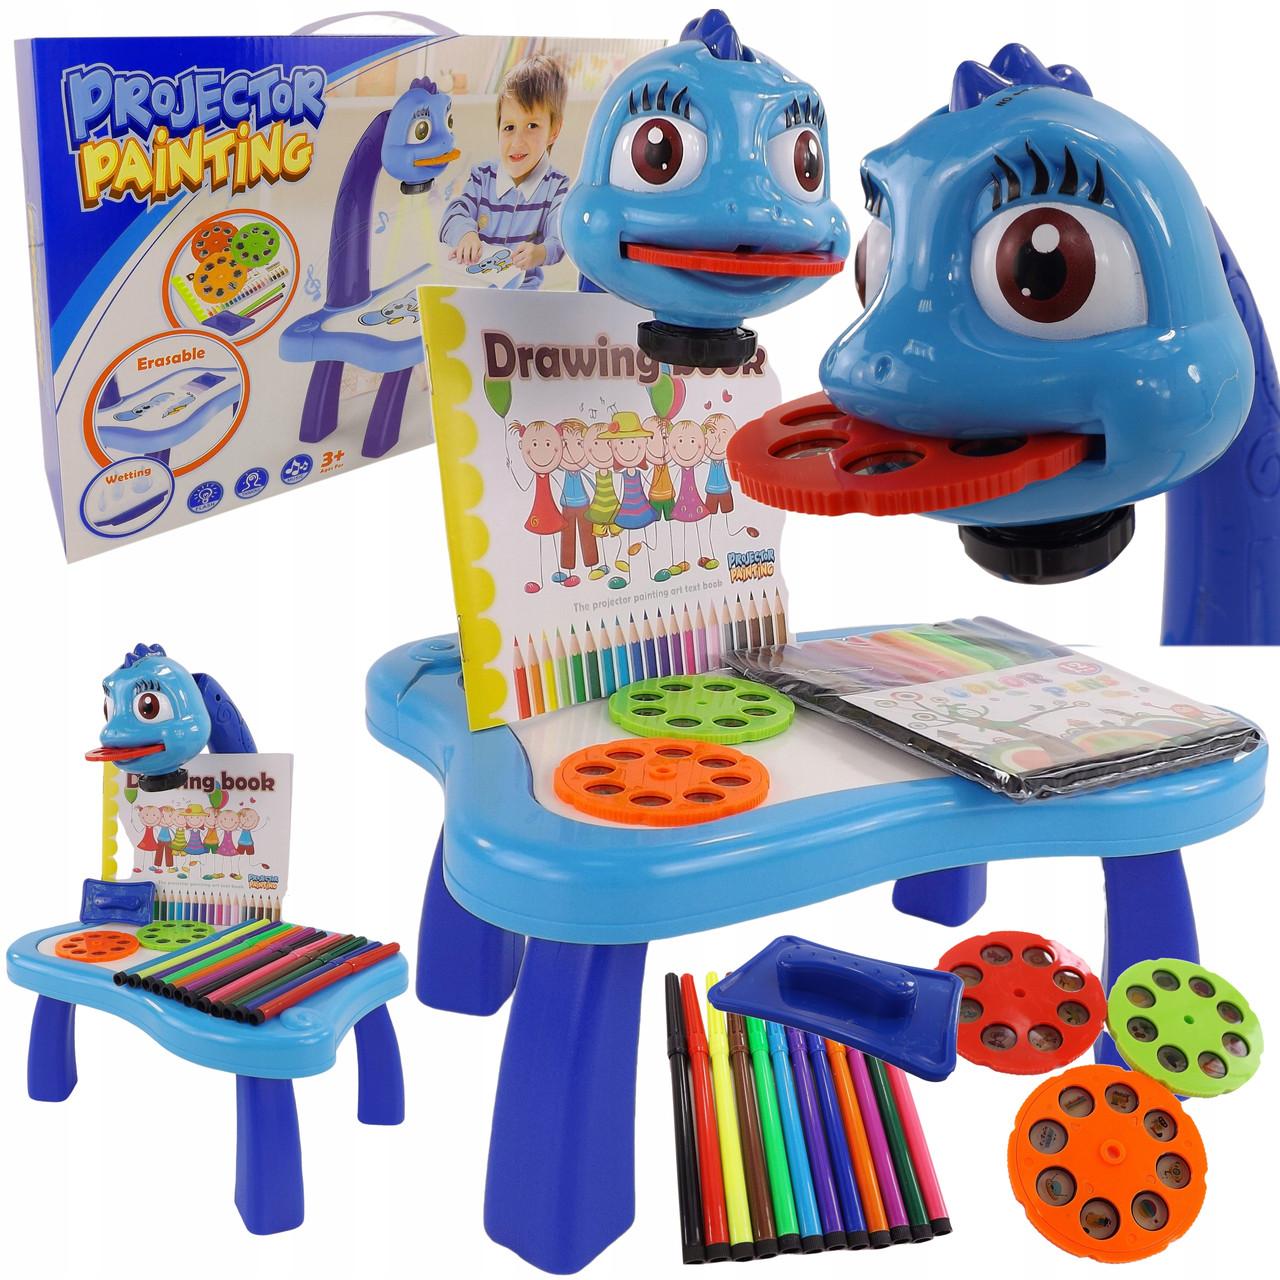 Проектор для малювання дитячий з 12 фломастерами YM6886 24 картинки Синій